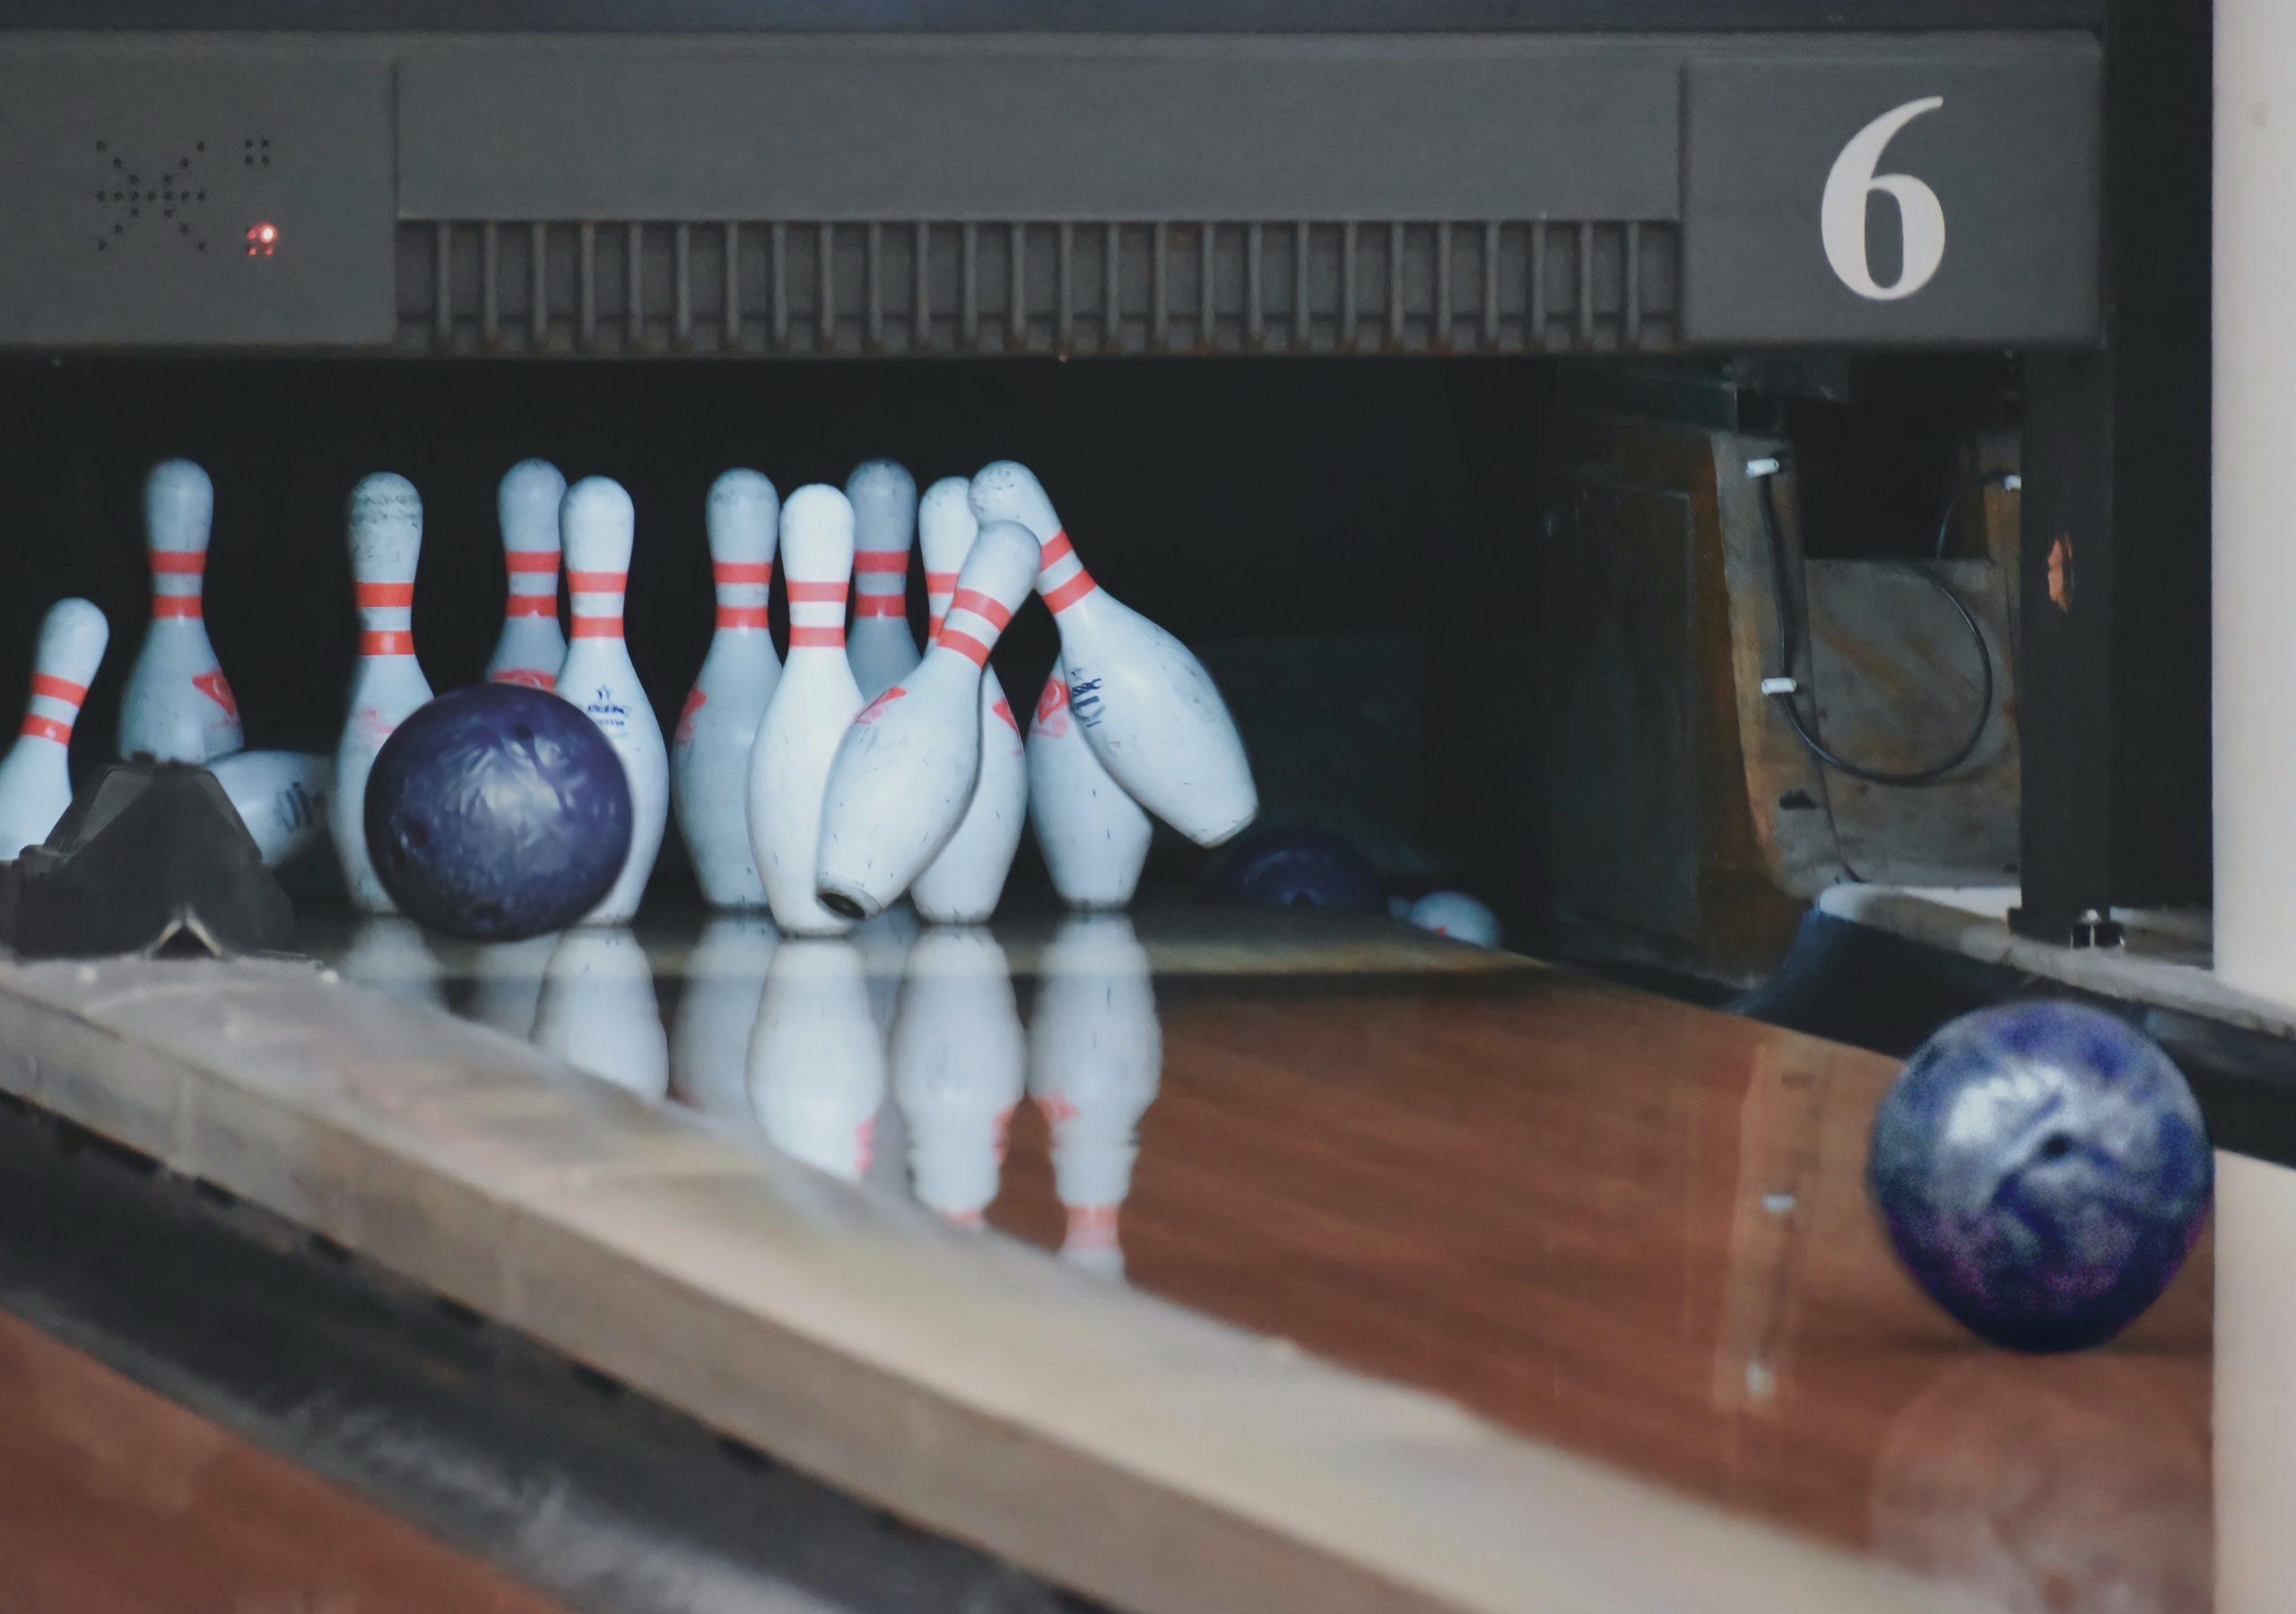 A ball striking the pins